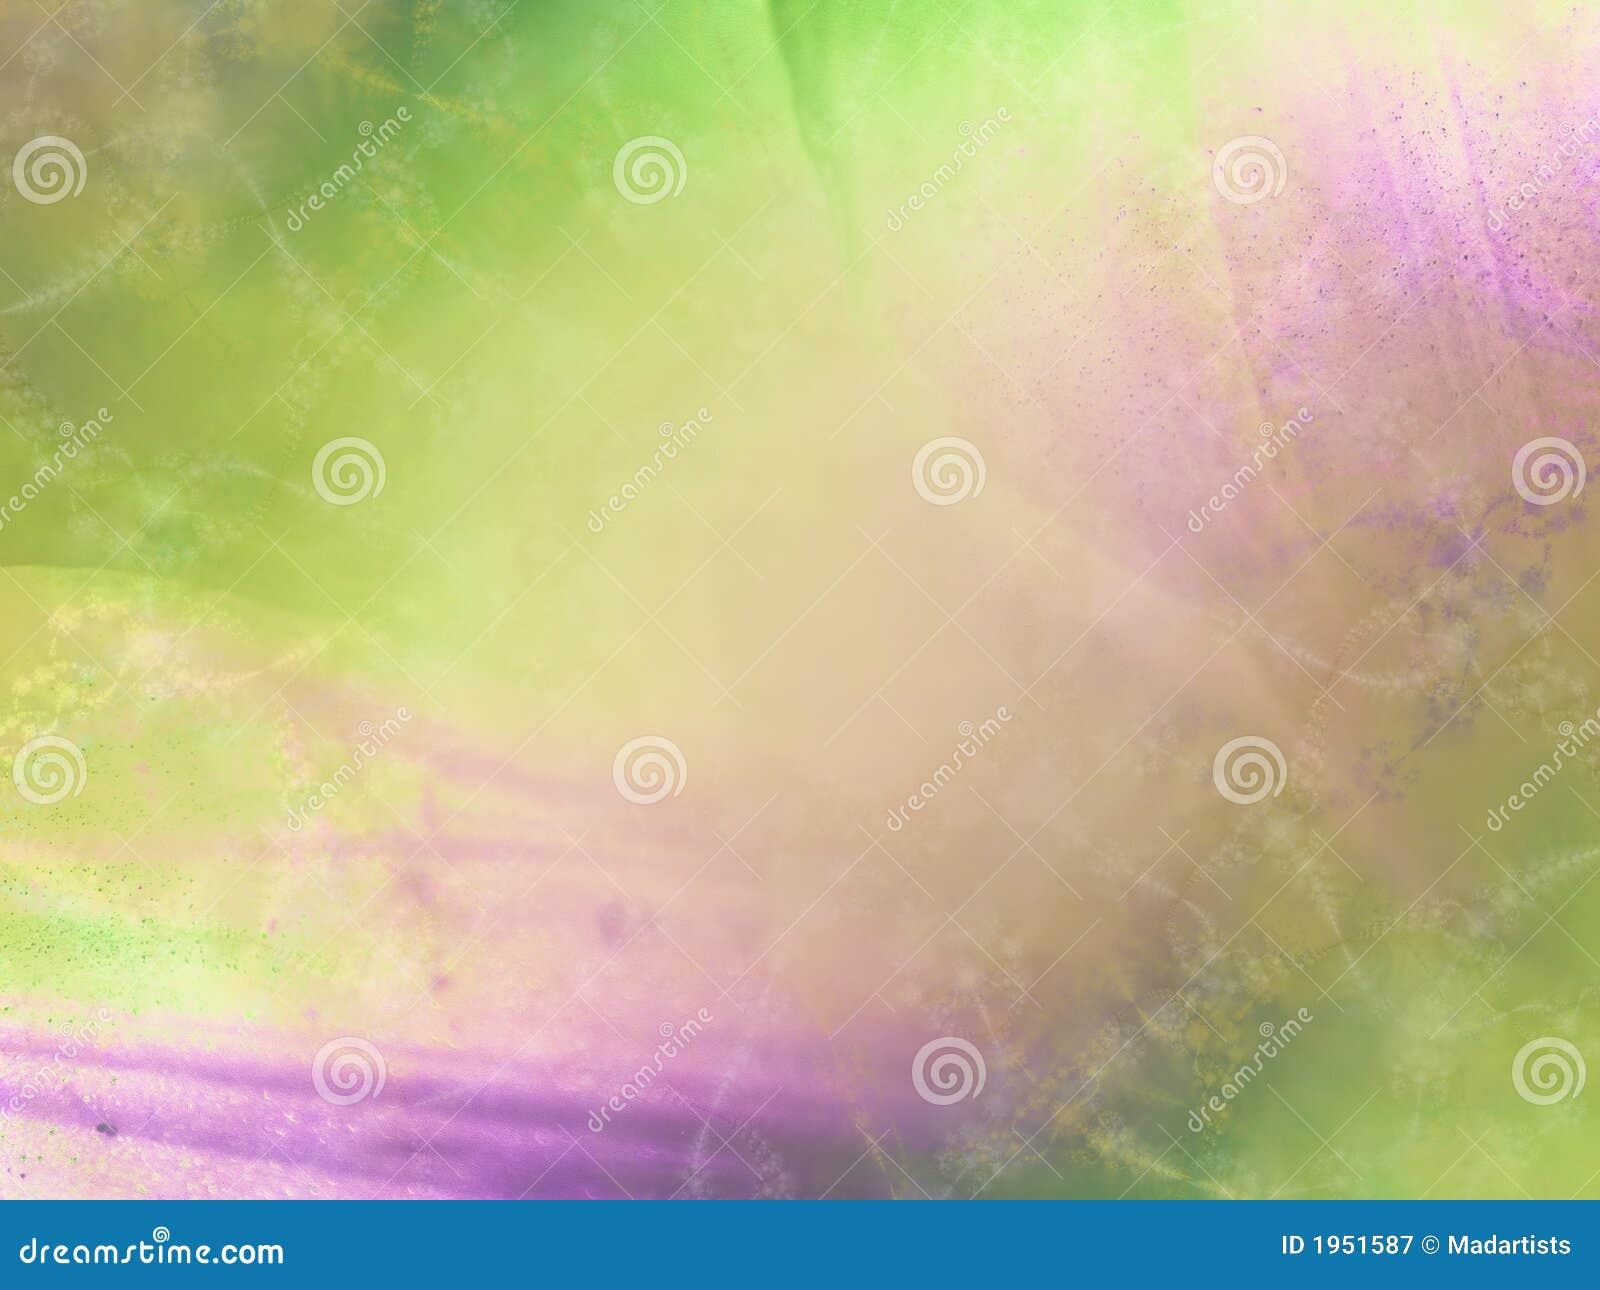 Zielona fioletowa miękka konsystencja